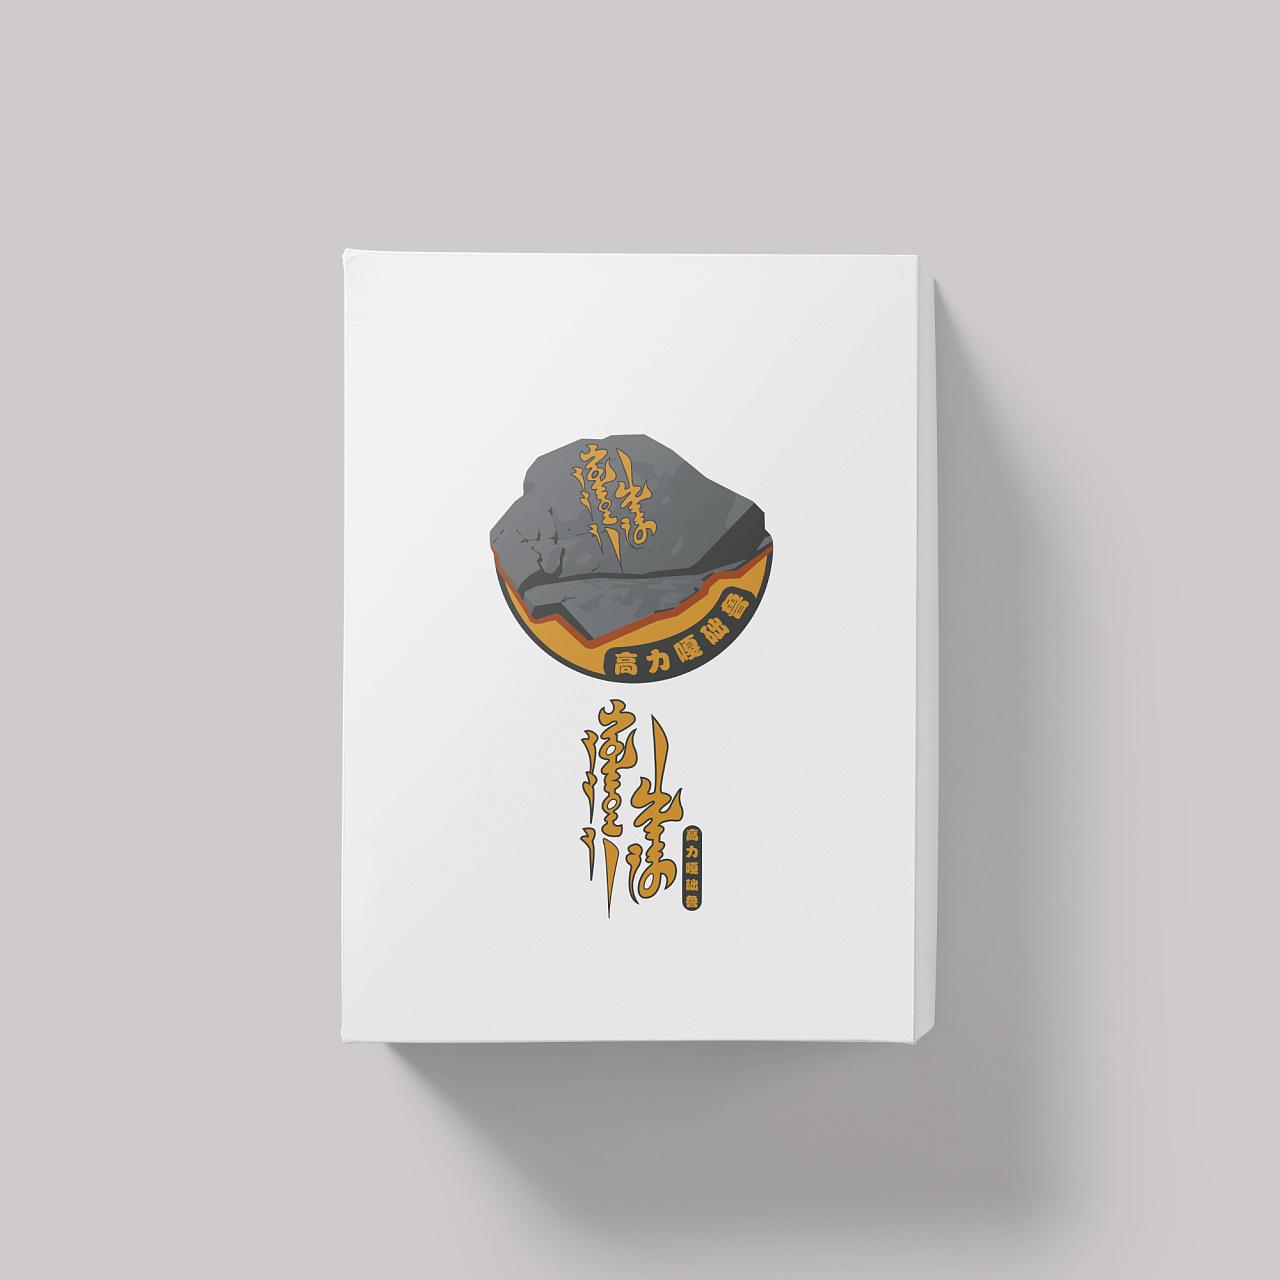 高拉格朝鲁logo(阿斯玛设计) 第2张 高拉格朝鲁logo(阿斯玛设计) 蒙古设计